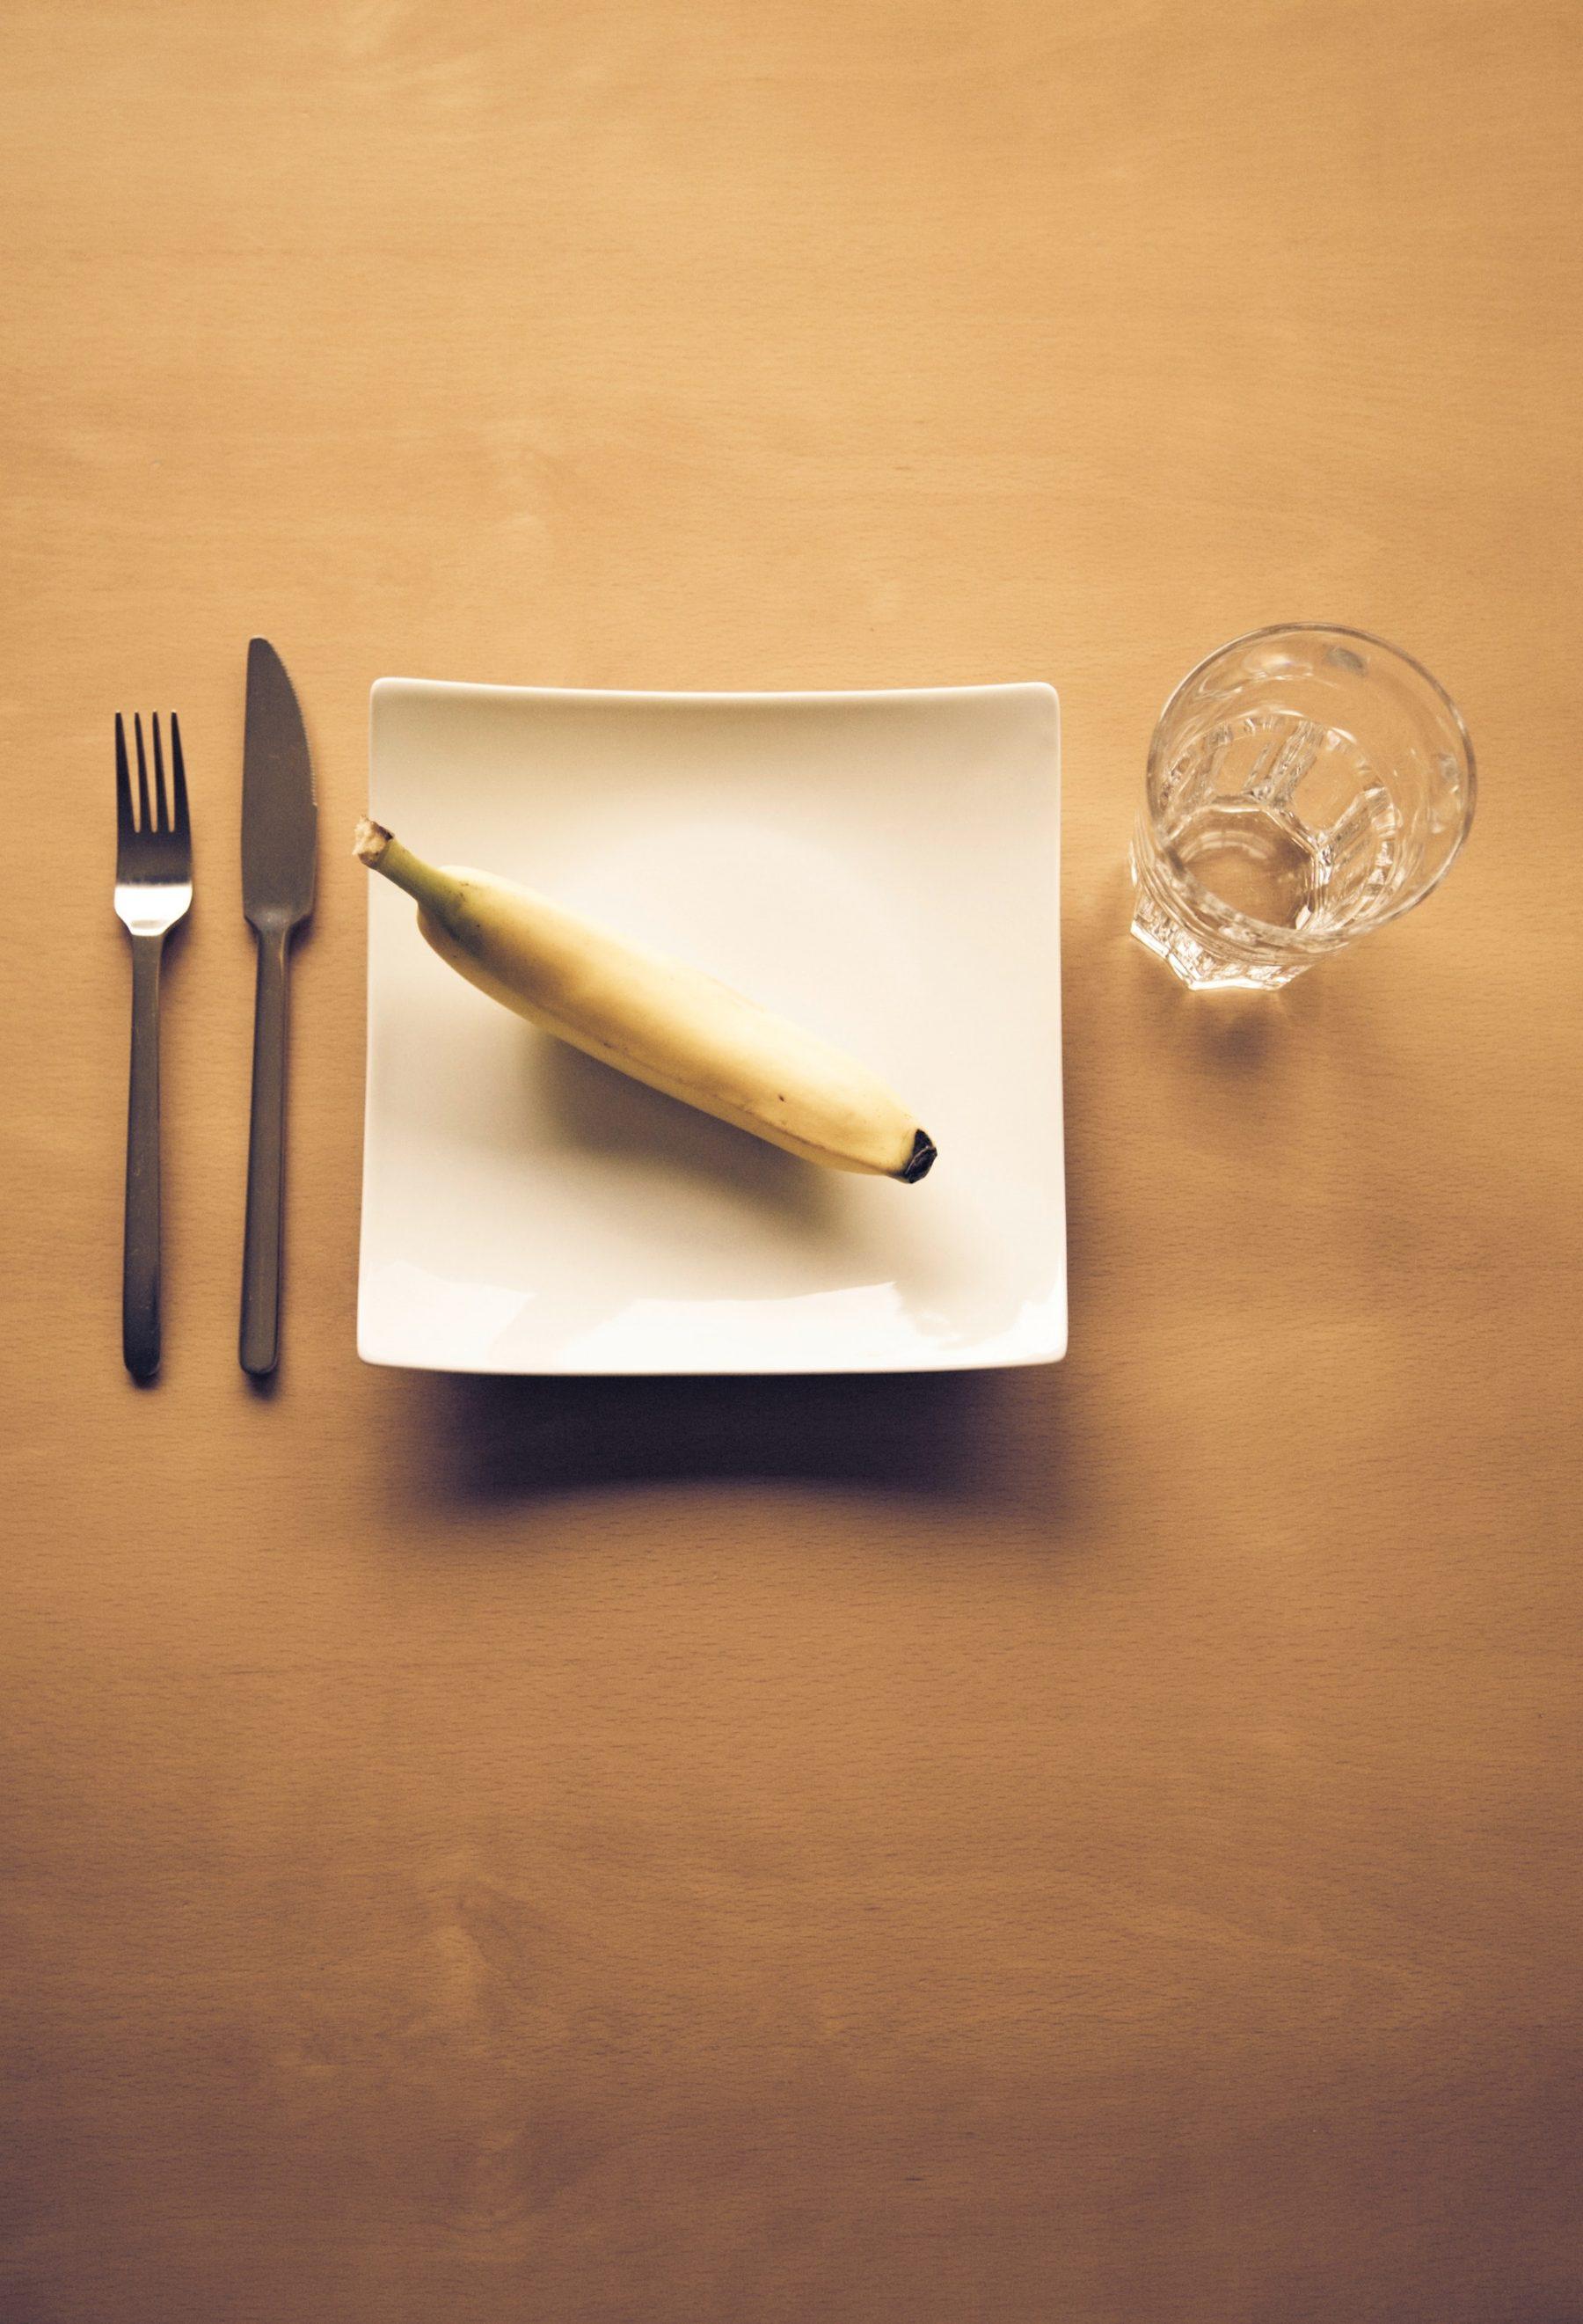 Hoe de behandeling van eetstoornispatiënten beter kan: 'Zoveel slachtoffers kunnen we niet accepteren'